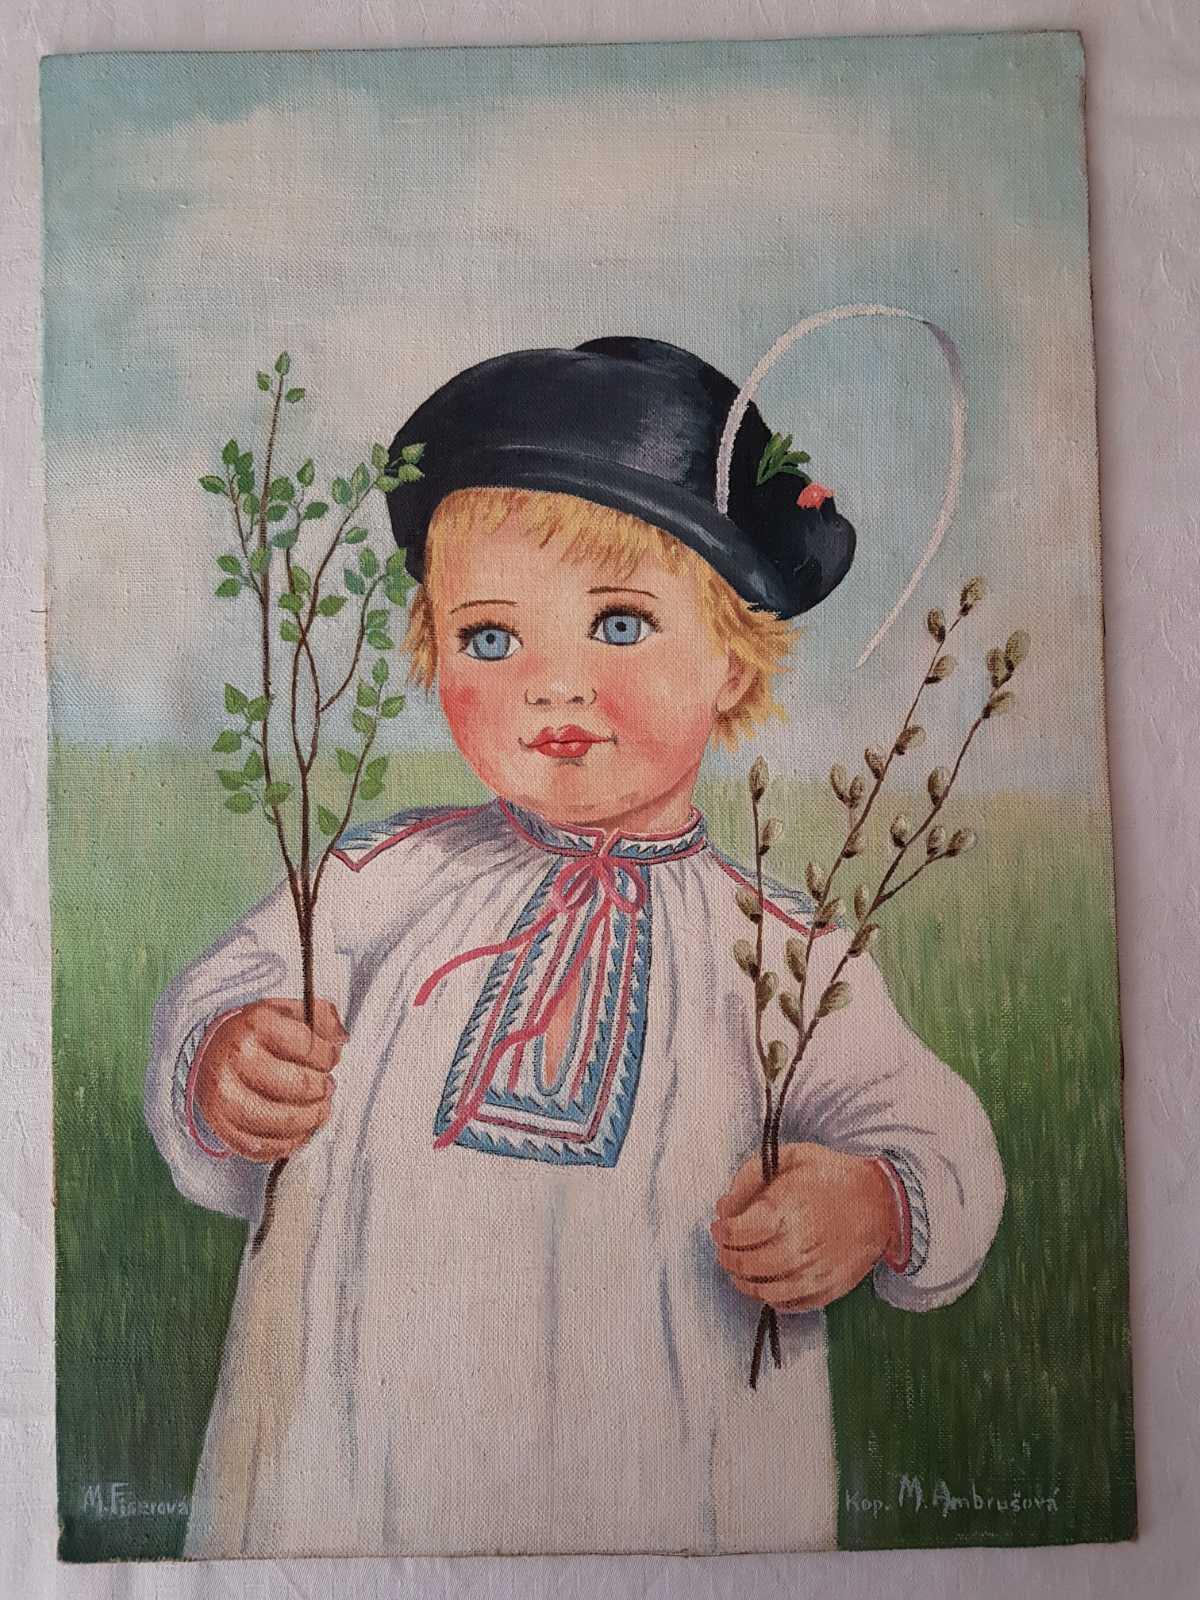 Ručne maľovaný obraz z roku 1950, 40x50cm - Obrázok č. 1